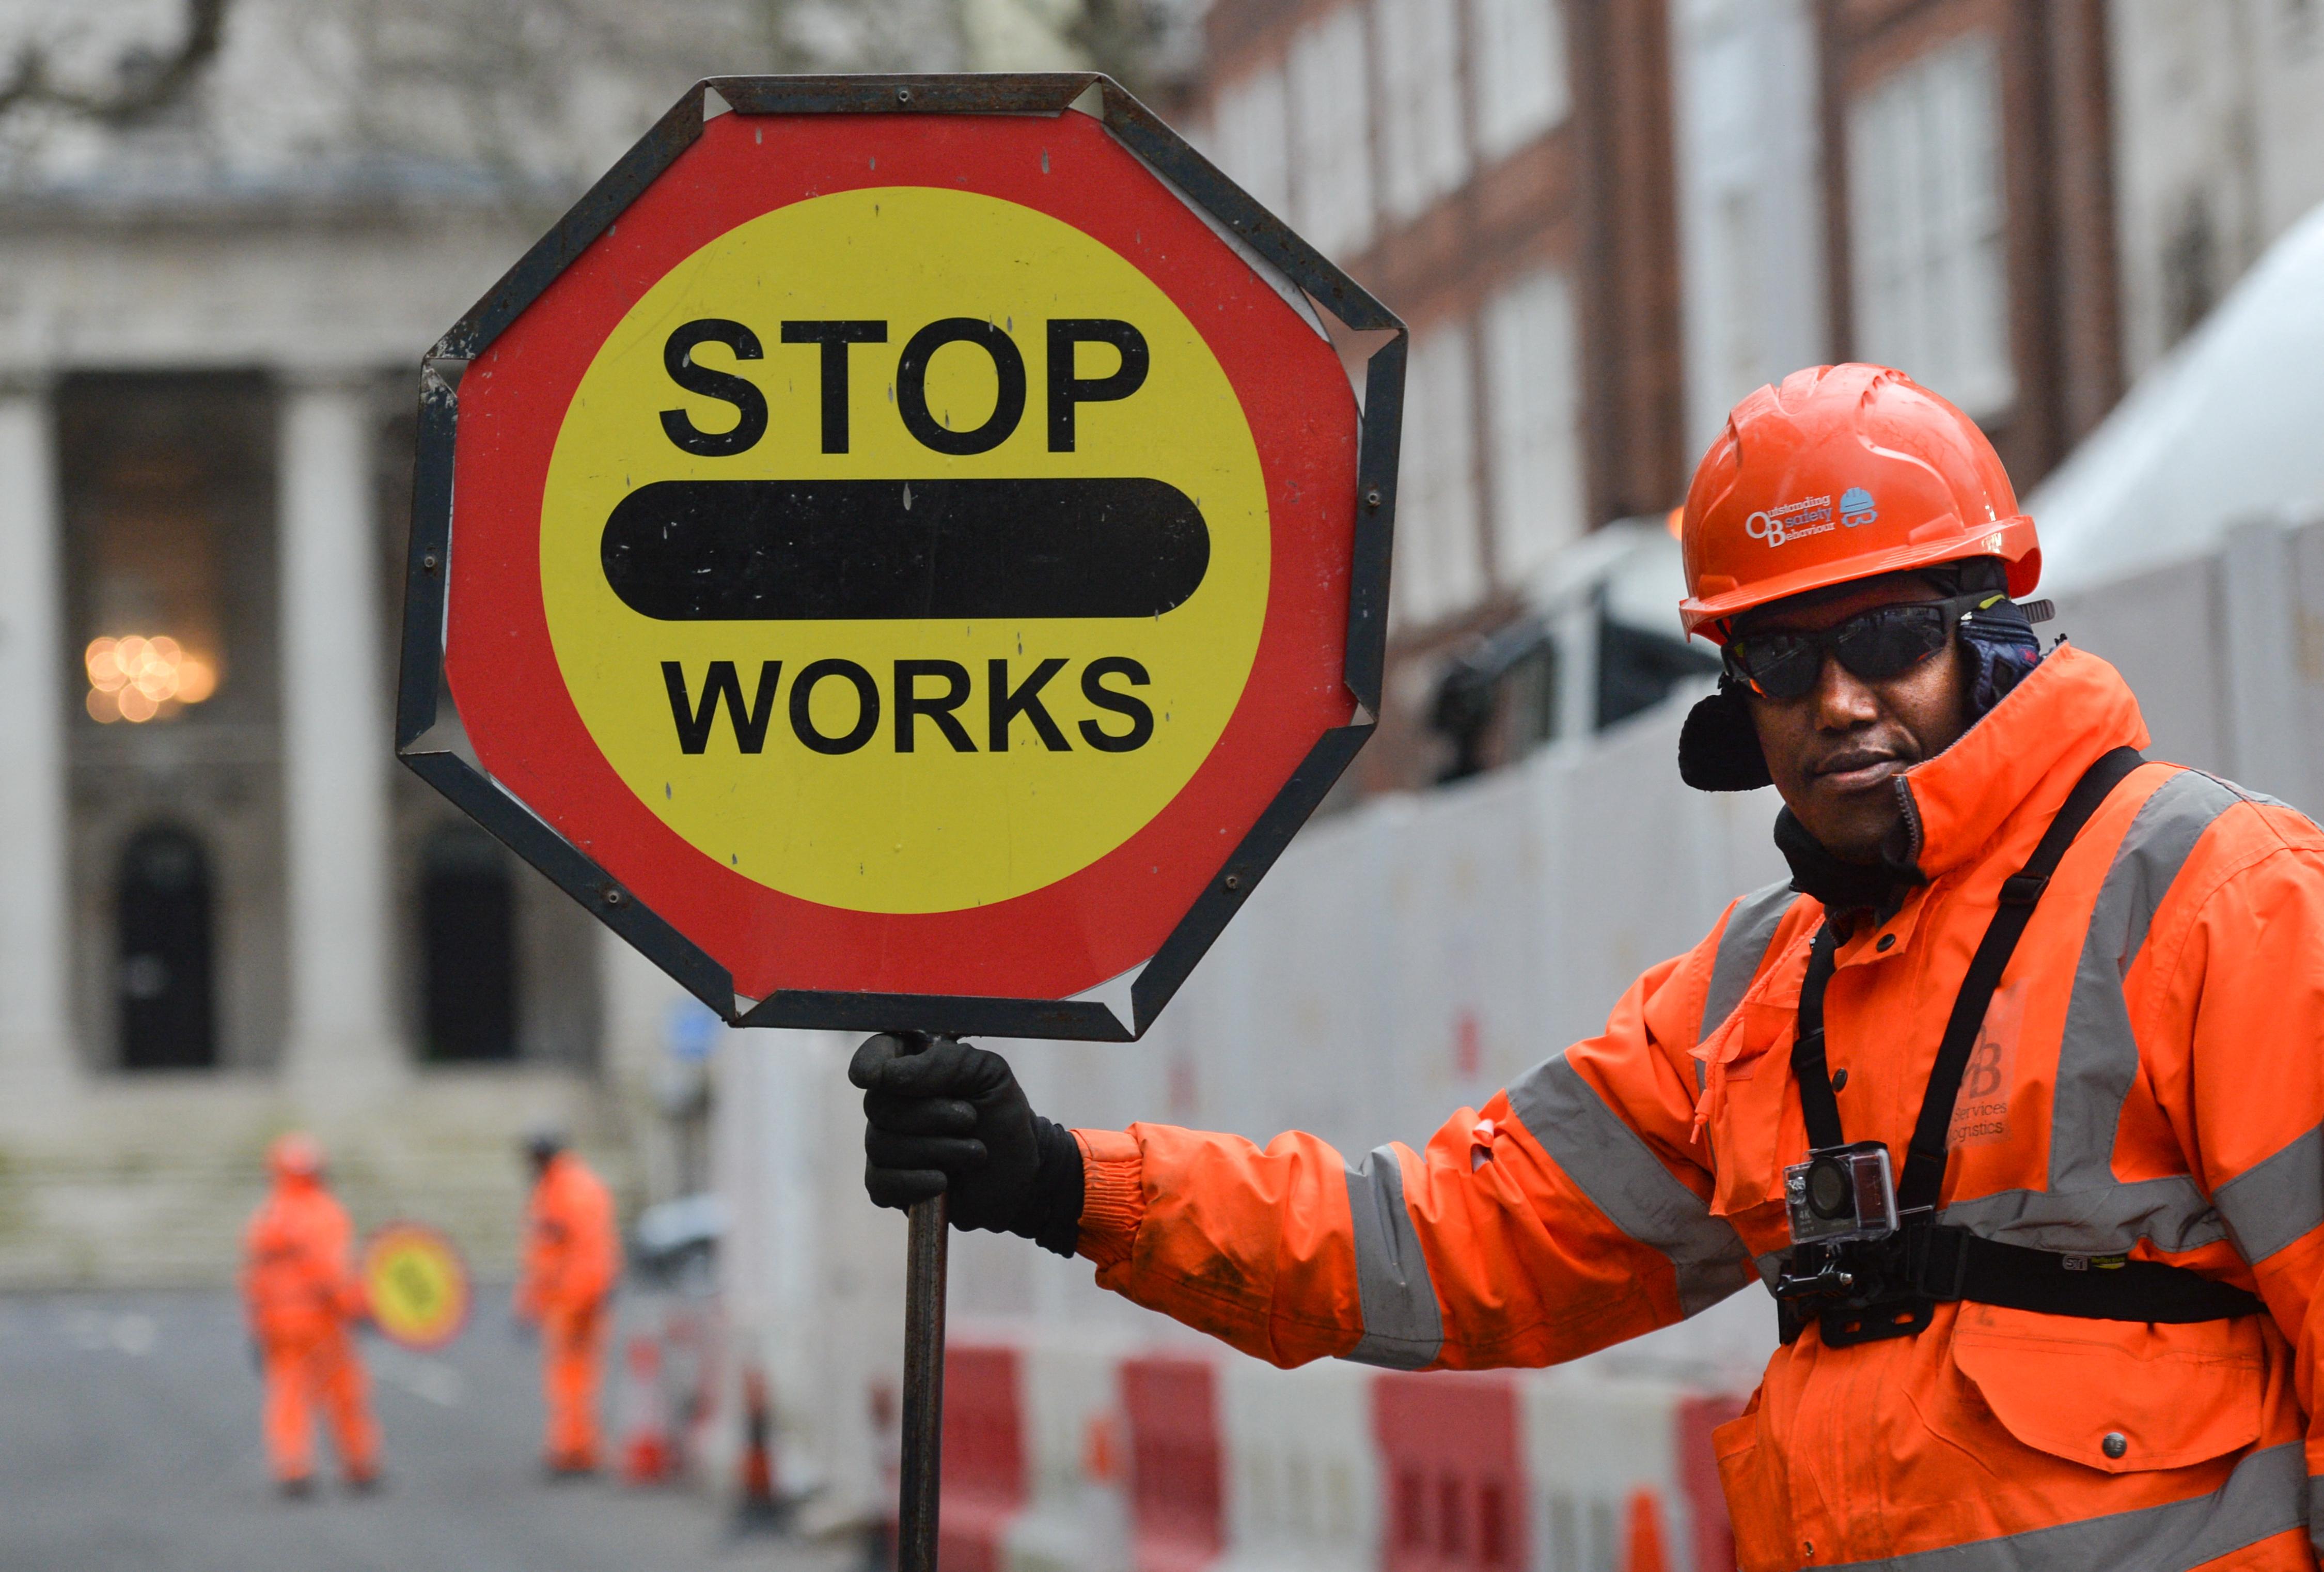 Óriási munkaerőhiány van az Egyesült Királyságban